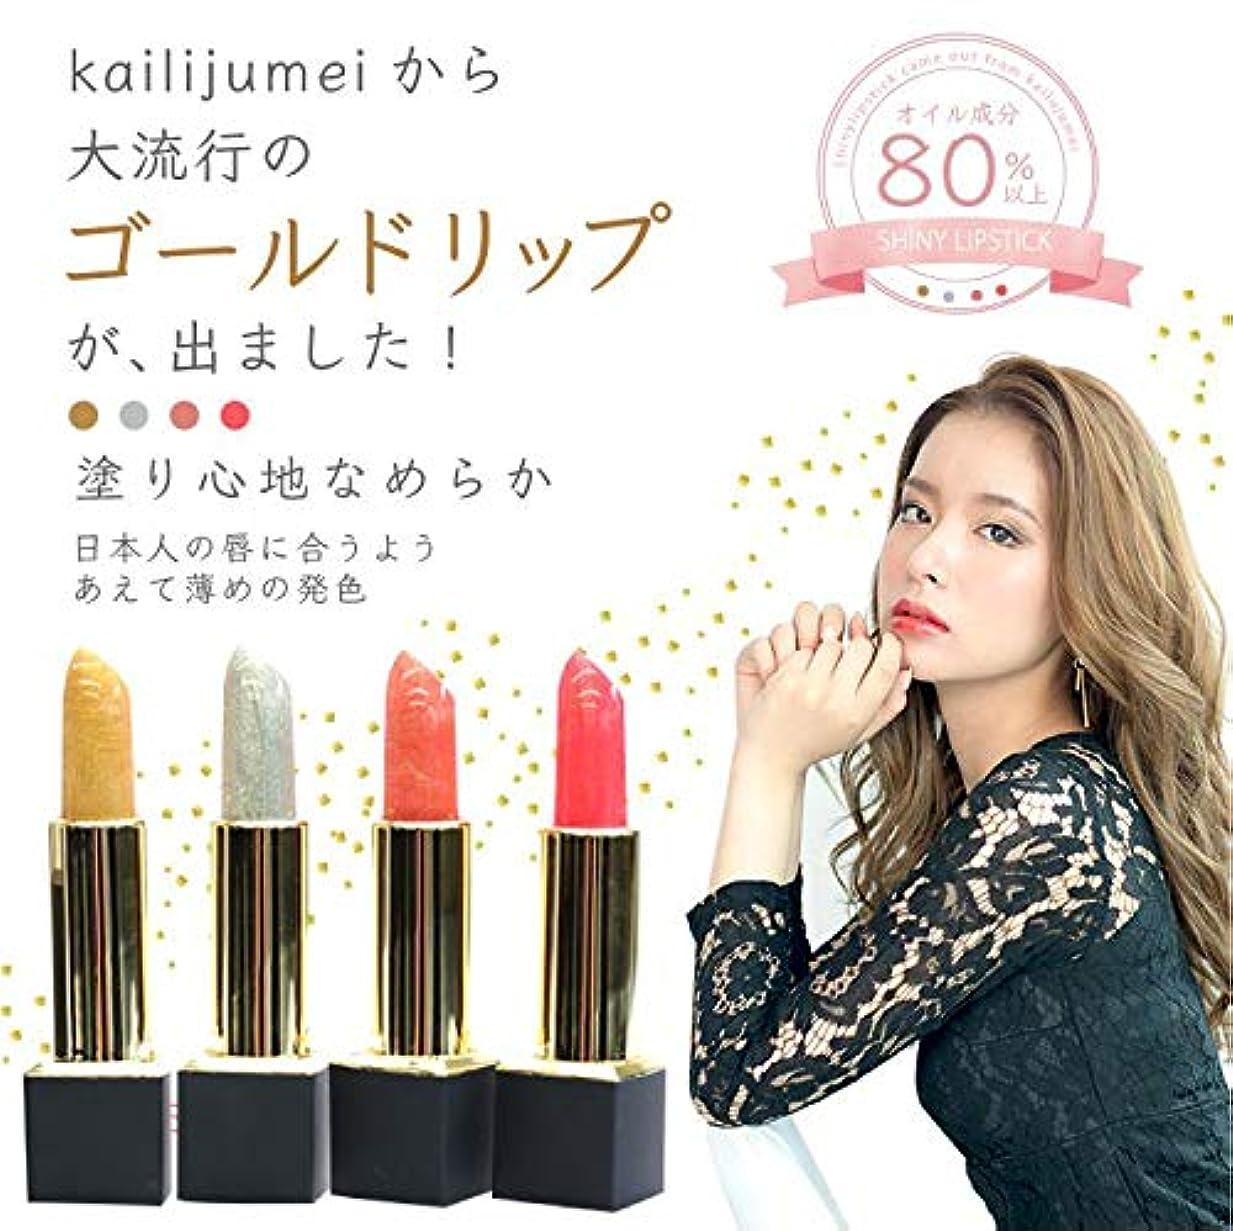 間違っている集計少数Kailijumei シャイニーリップ ひと塗りでゴージャスな唇へ ゴールドリップ 口紅 (シャイニーシルバー)